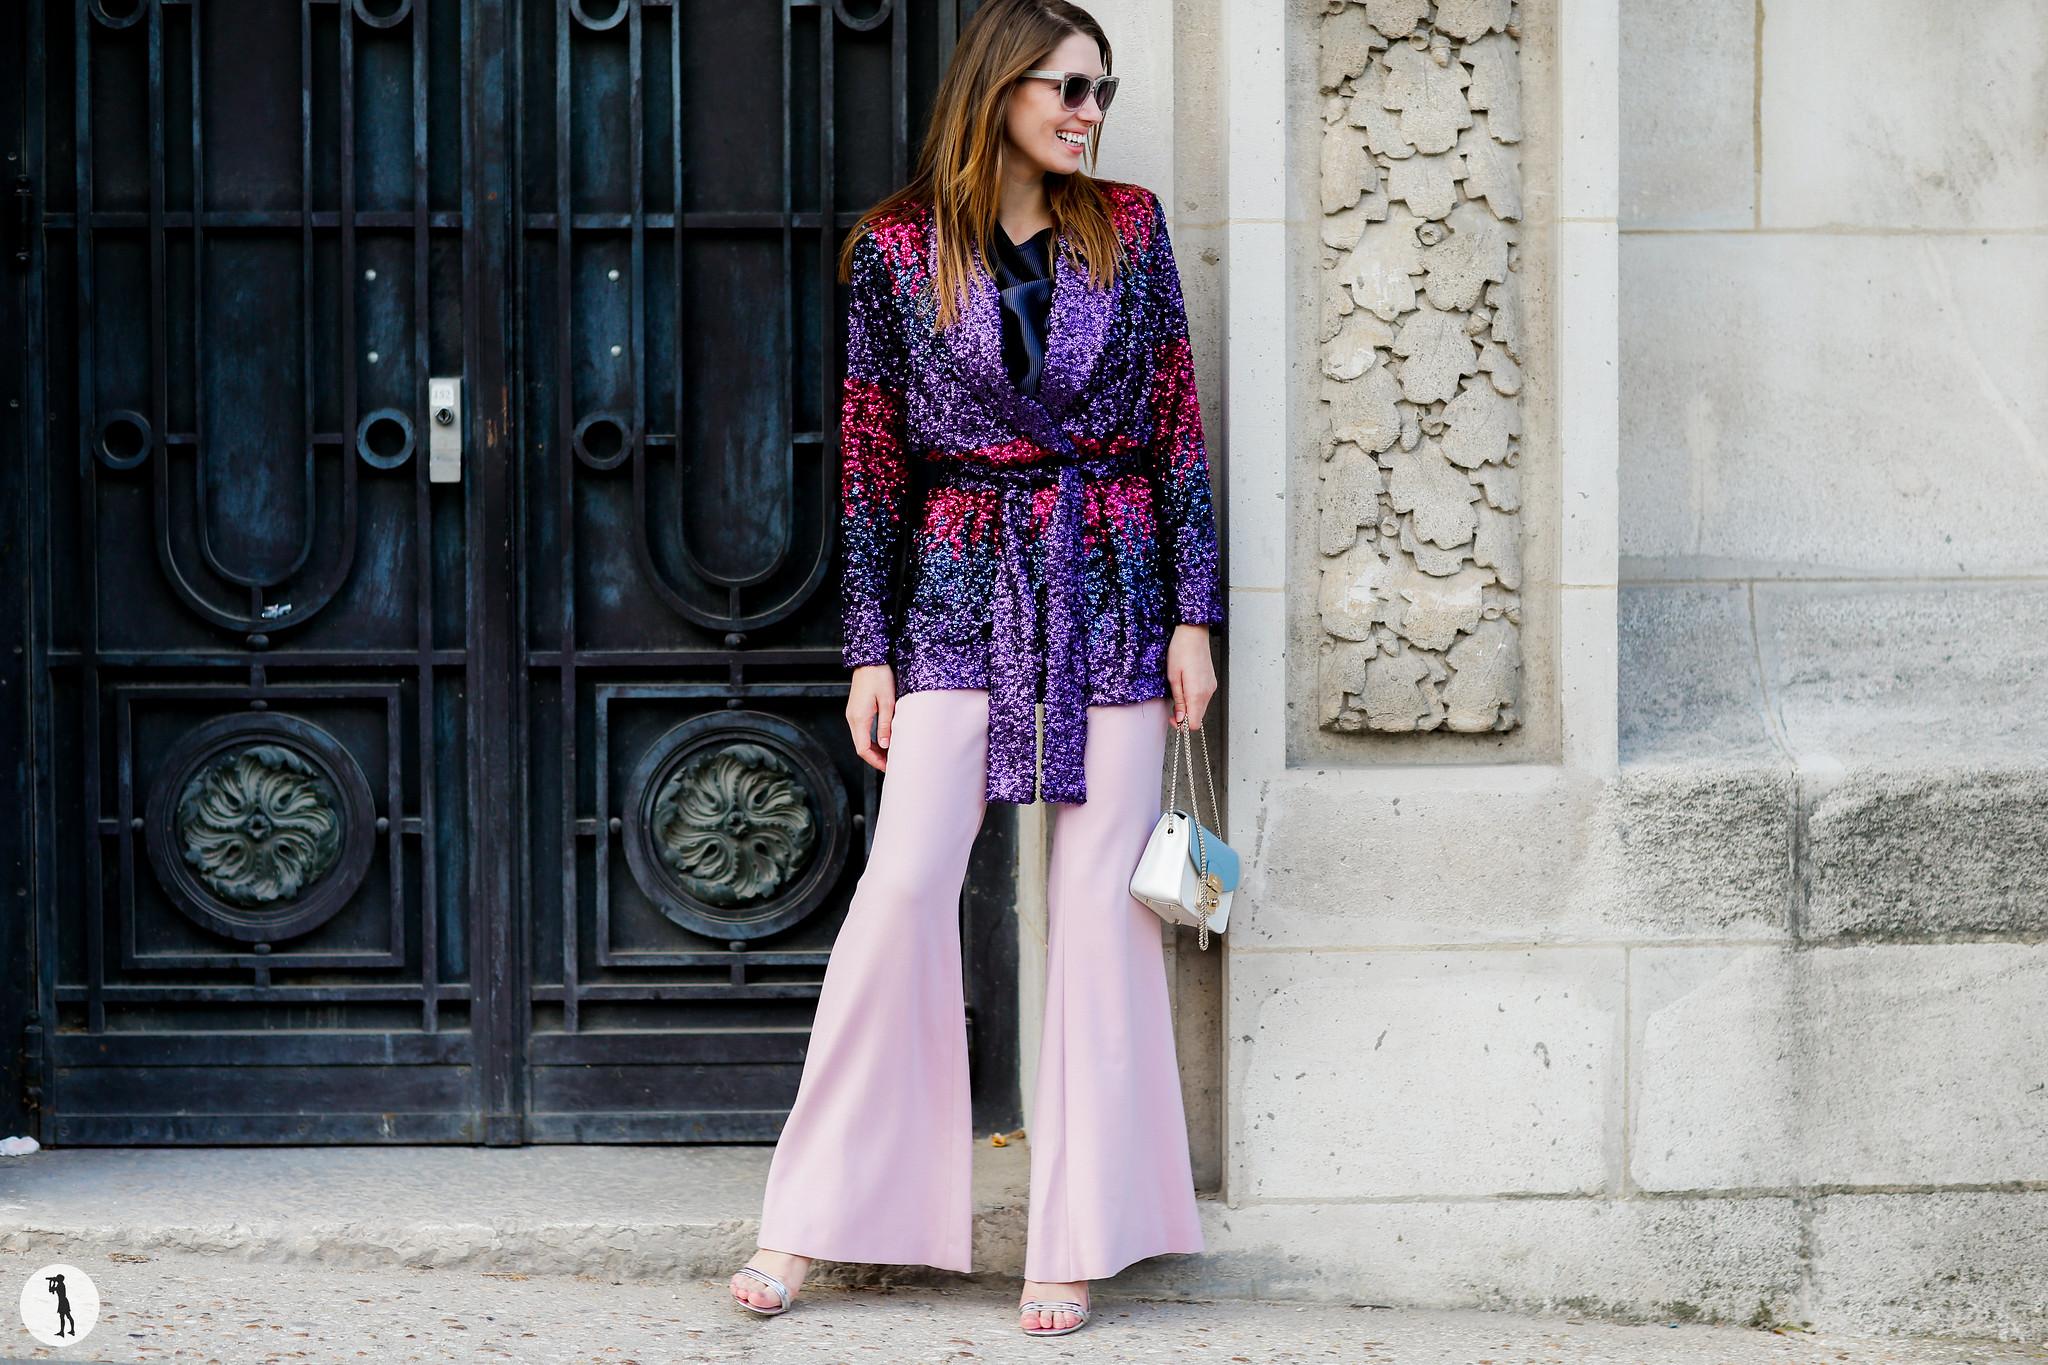 Landiana - Paris Fashion Week SS18 (2)